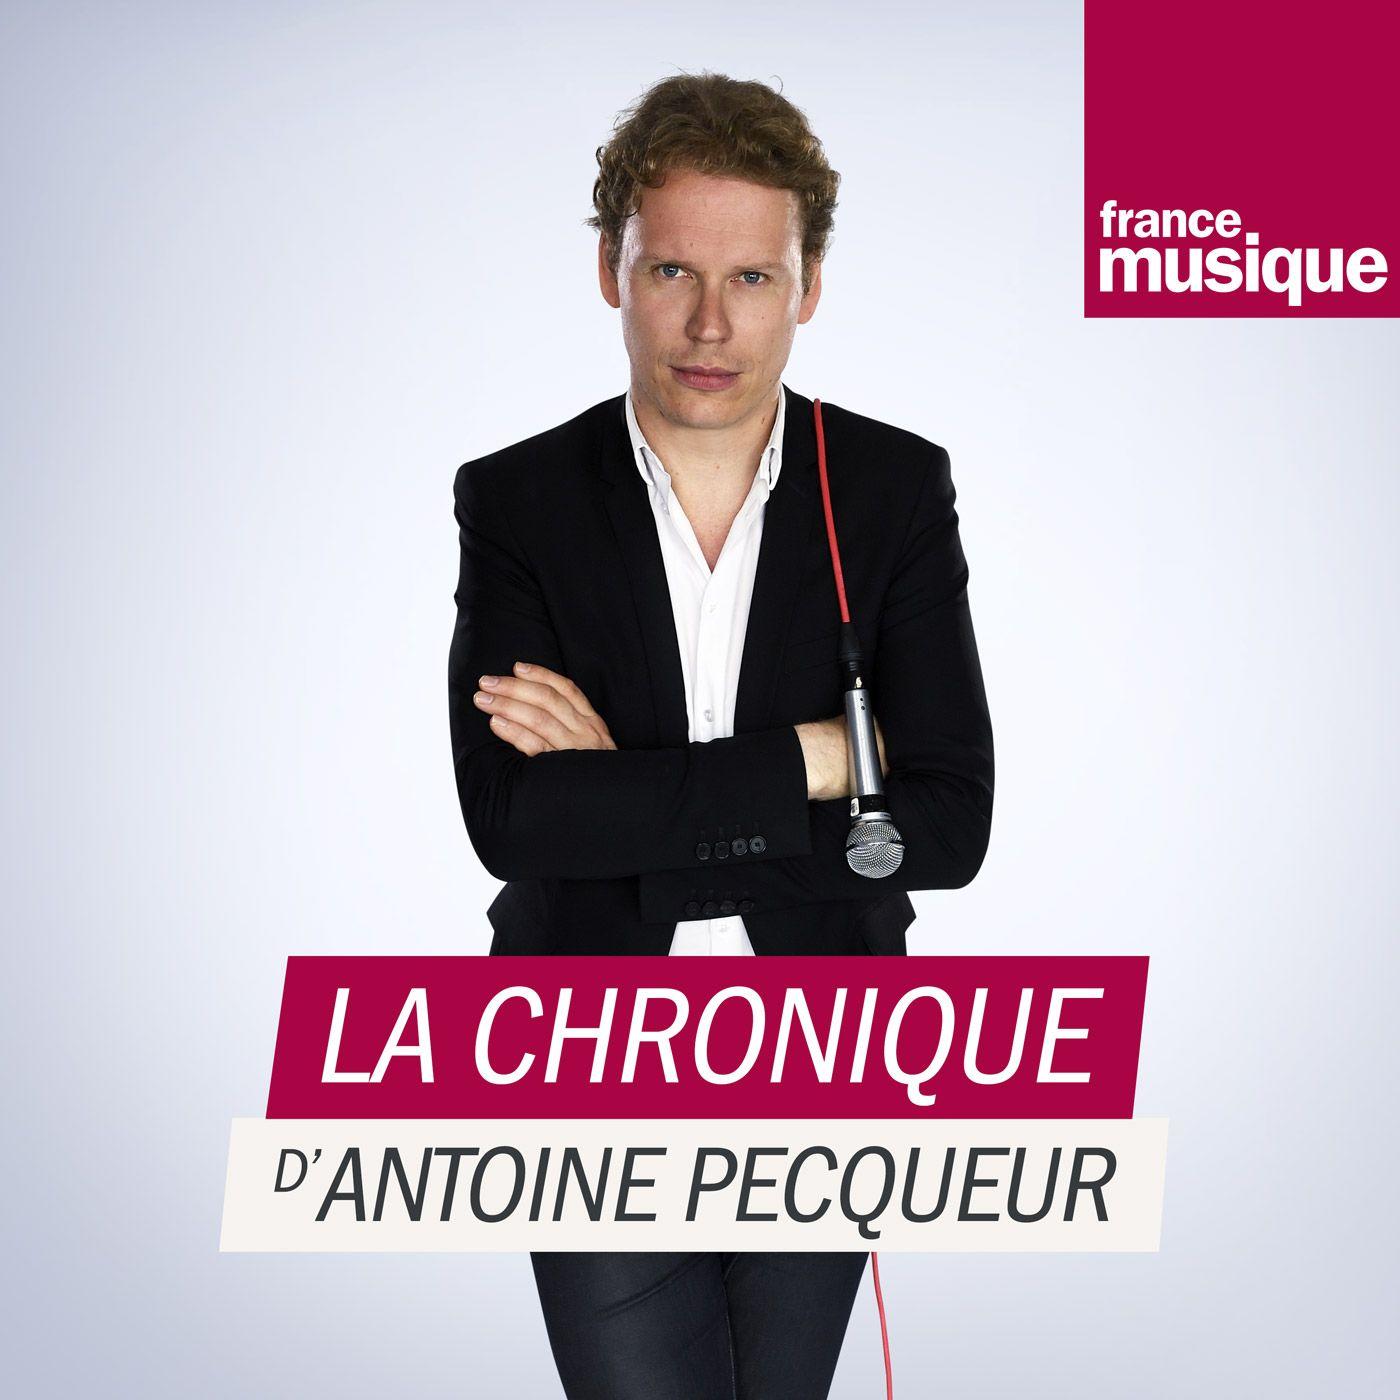 Image 1: Le billet eco d Antoine Pecqueur